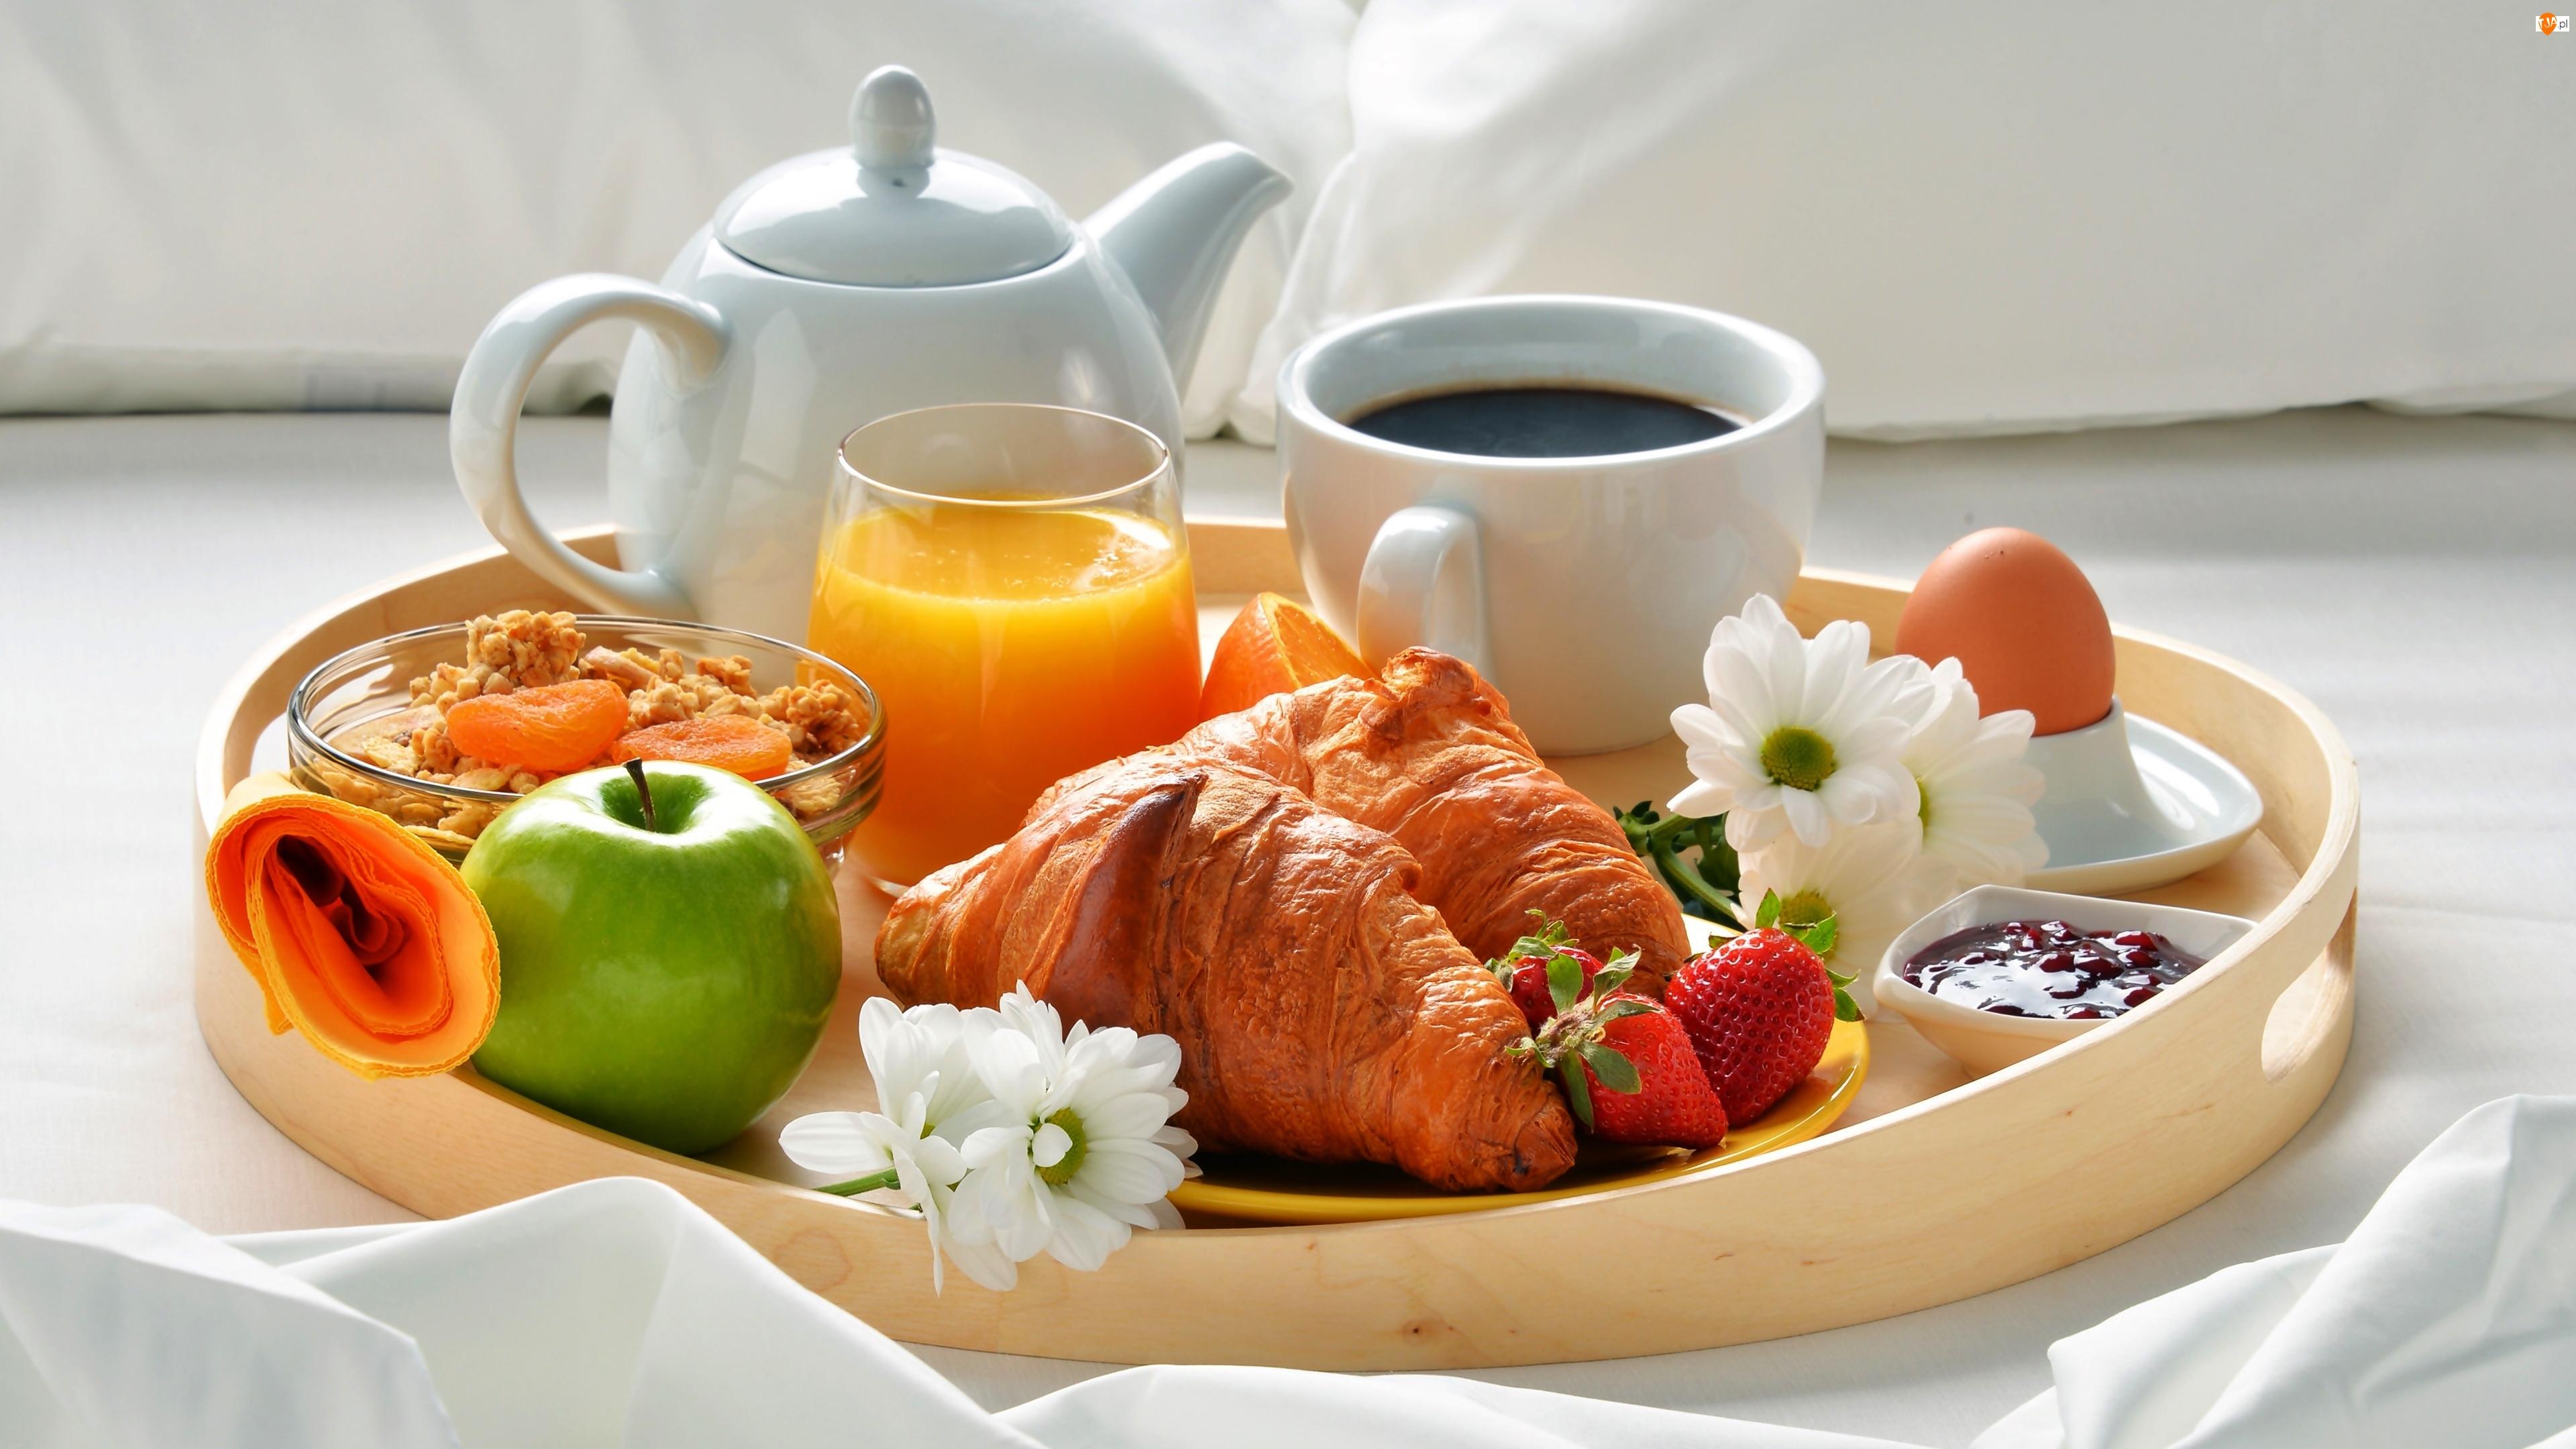 Kawa, Rogale, Taca, Śniadanie, Kwiaty, Jabłko, Sok pomarańczowy